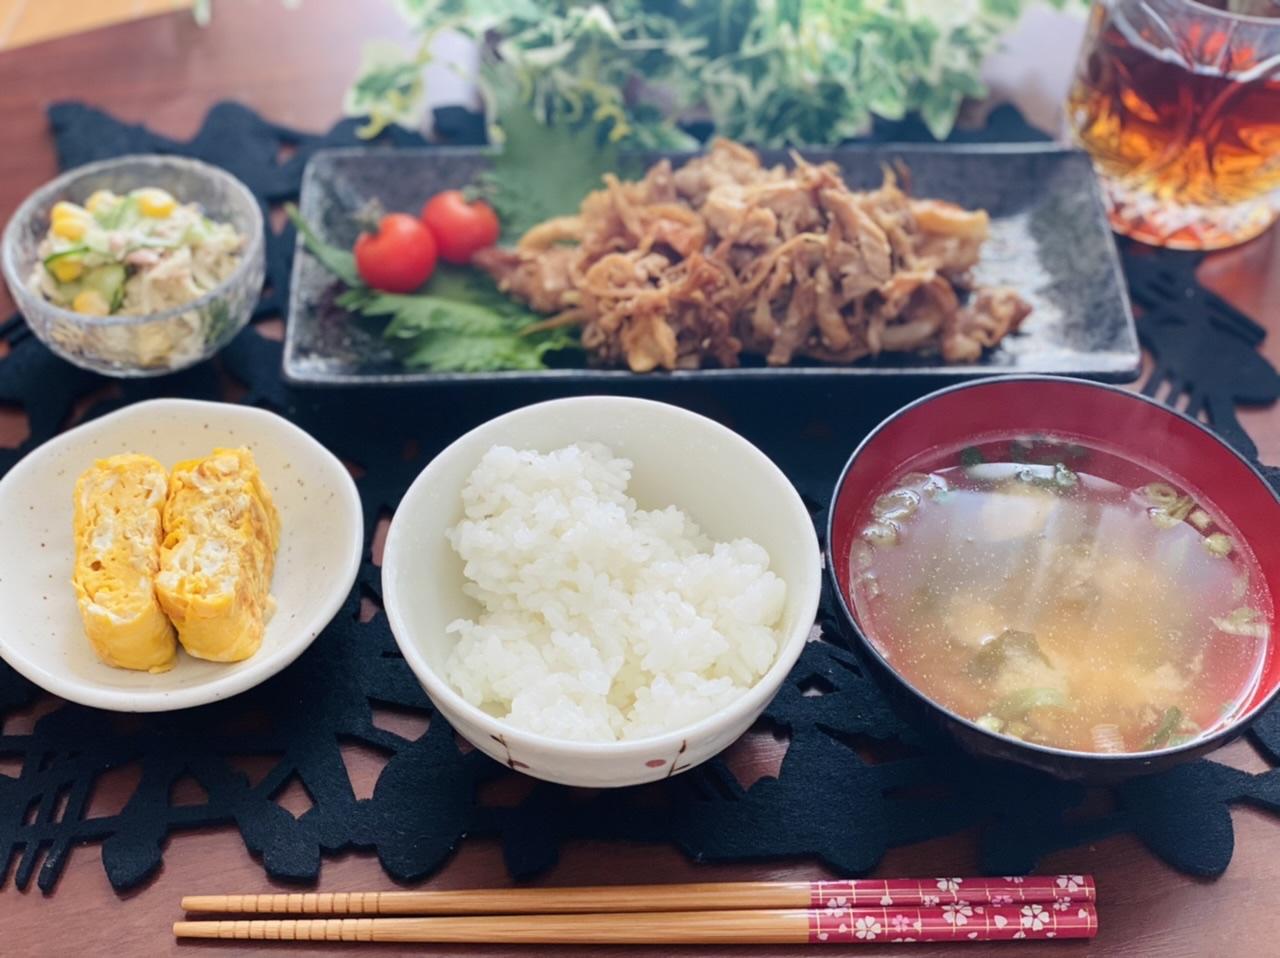 【今月のお家ごはん】アラサー女子の食卓!作り置きおかずでラク晩ご飯♡-Vol.25-_5